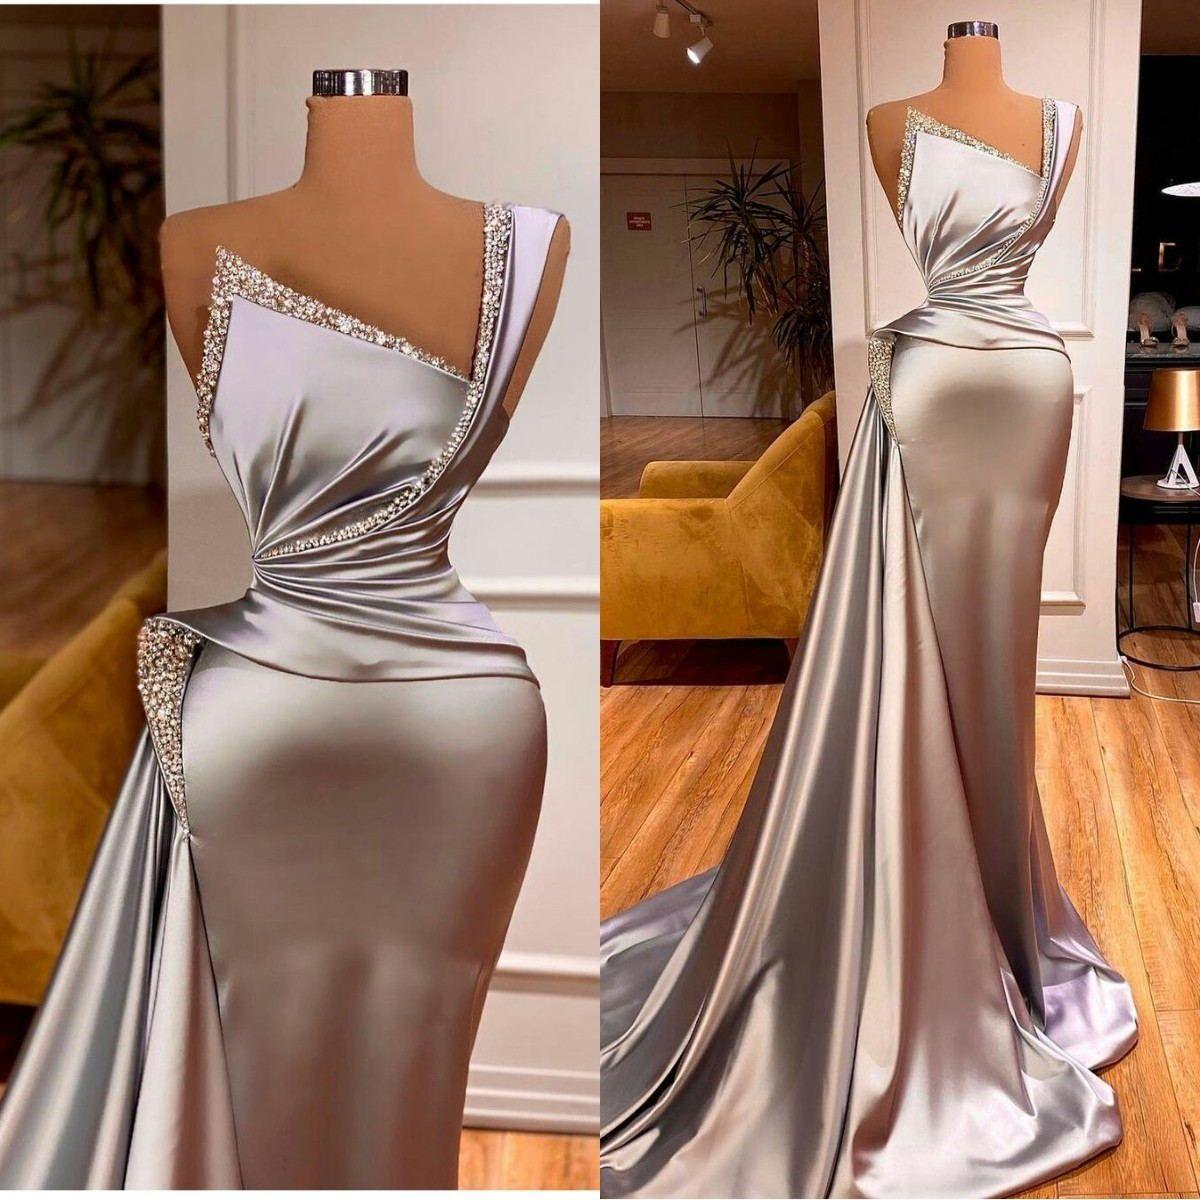 2021 Abiti da sera d'argento con cristallo raso Una spalla sirena Prom Dress Abito personalizzato Ruffles Formale Robe de Soirée